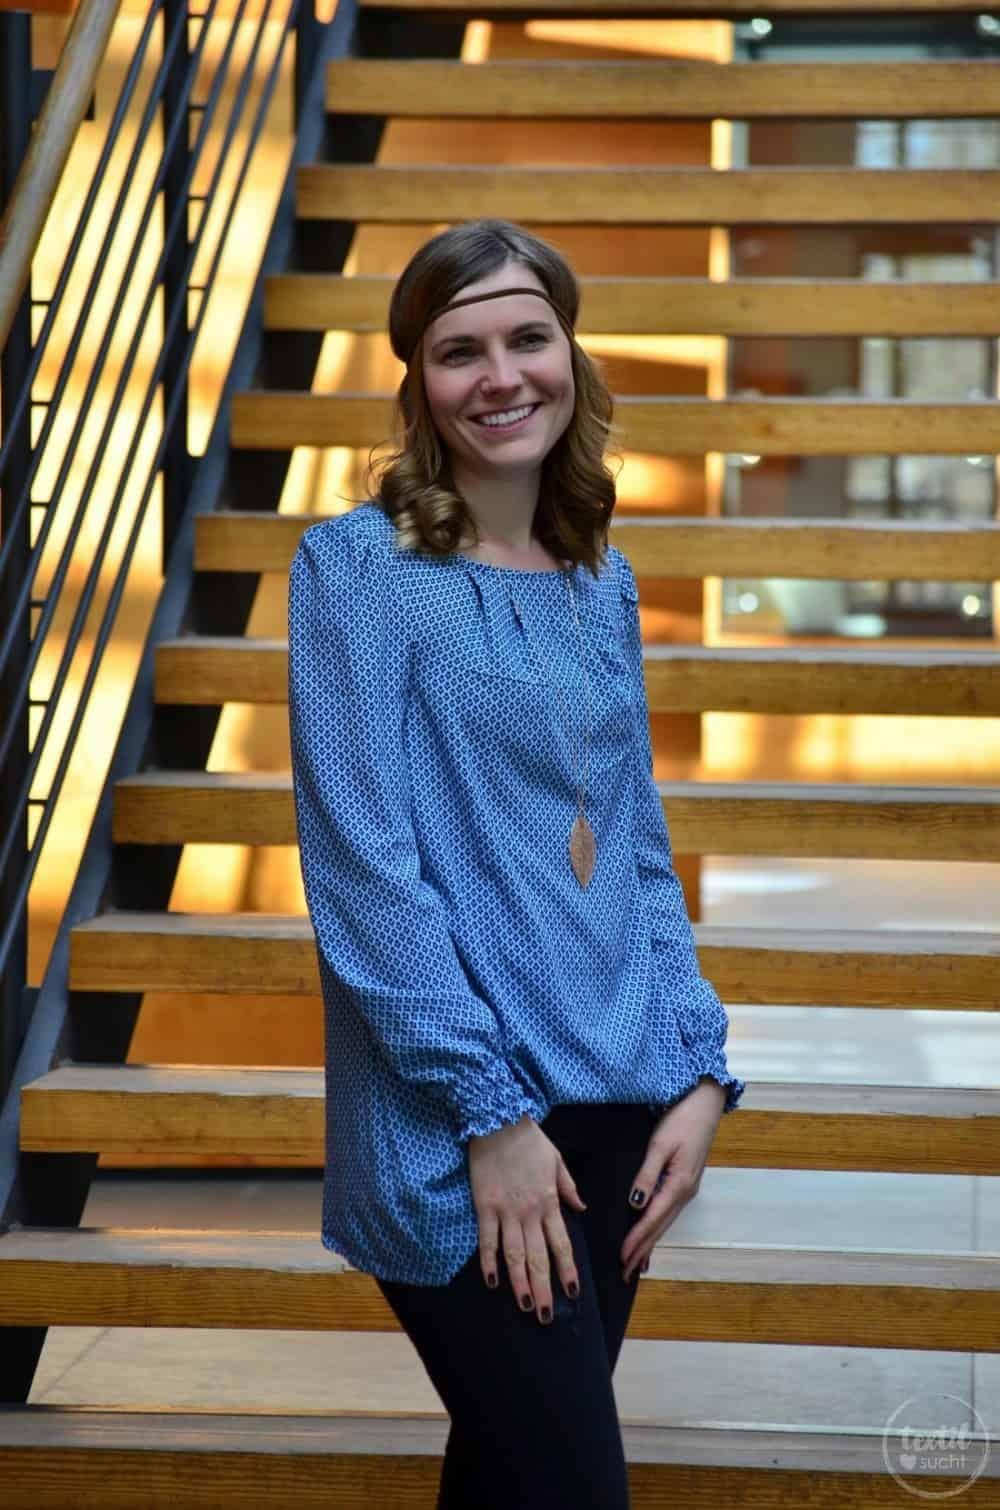 Mein nächster Schnitt ist online: Schnittmuster Bluse und Top Moana - Bild 5 | textilsucht.de